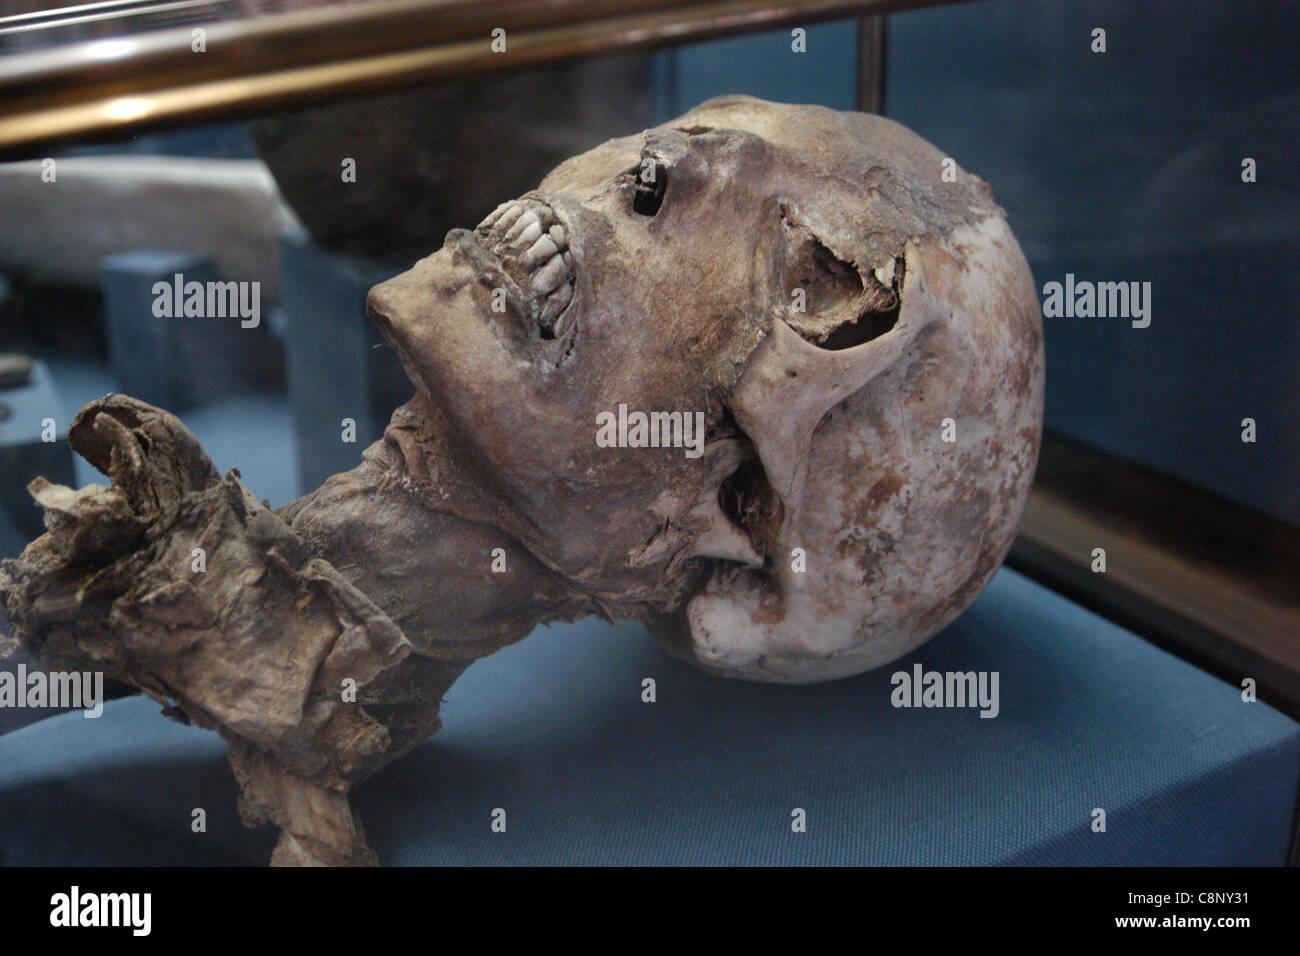 Maman de l'Altaï vu dans le Musée Historique d'État de Moscou, en Russie. Photo Stock